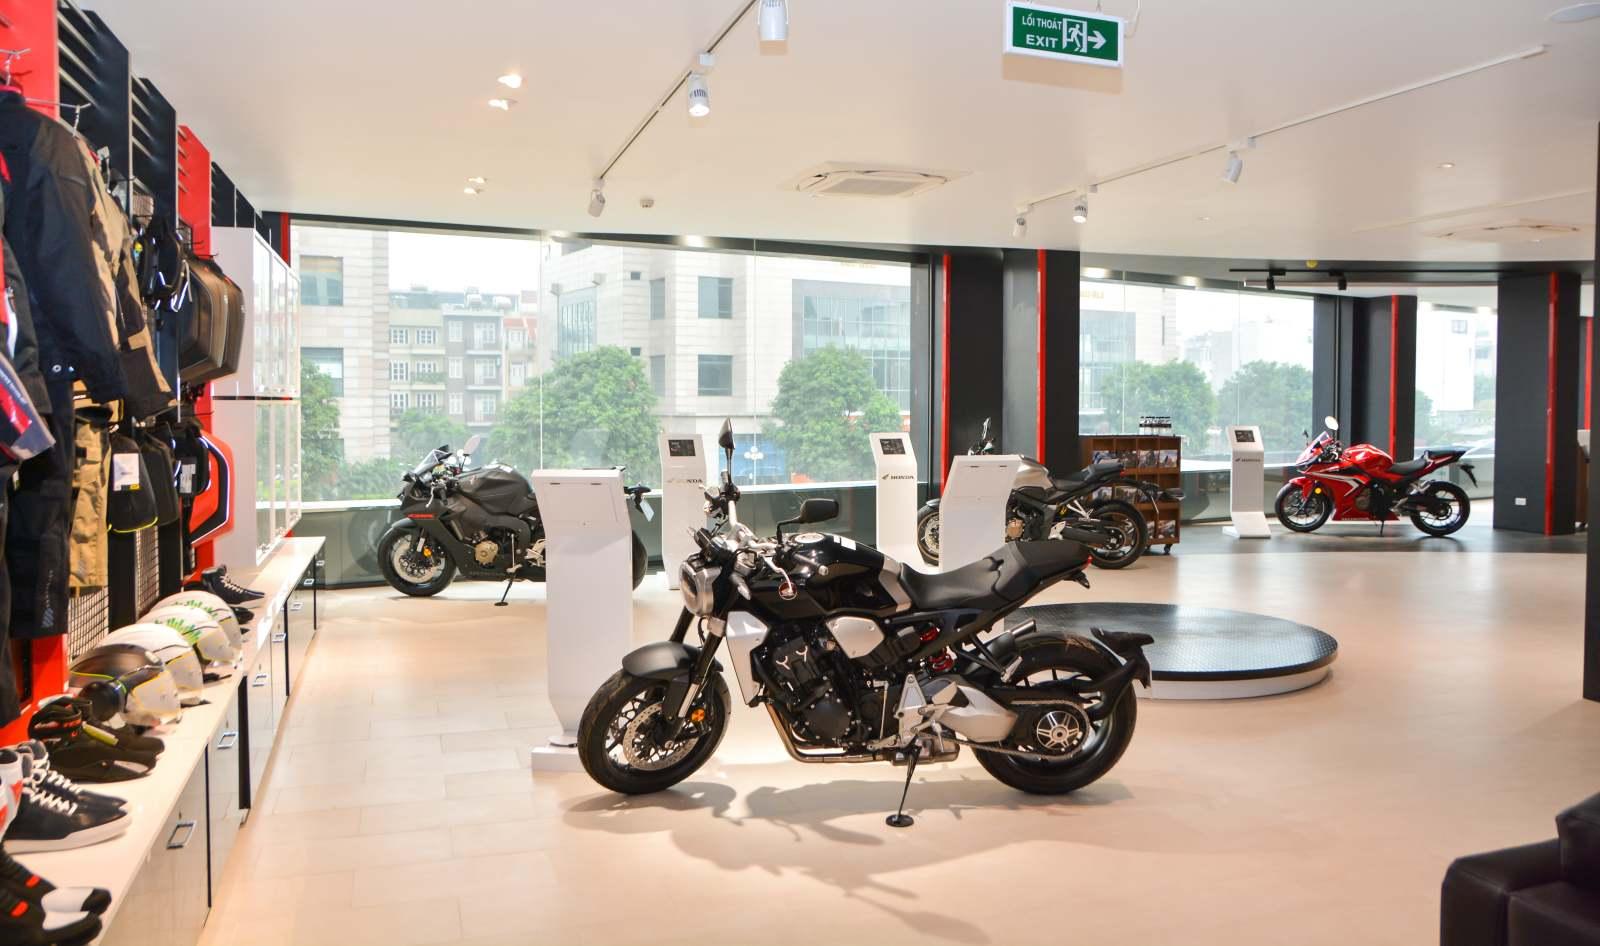 Honda khai trương cửa hàng xe phân khối lớn đầu tiên tại Hà Nội - 06